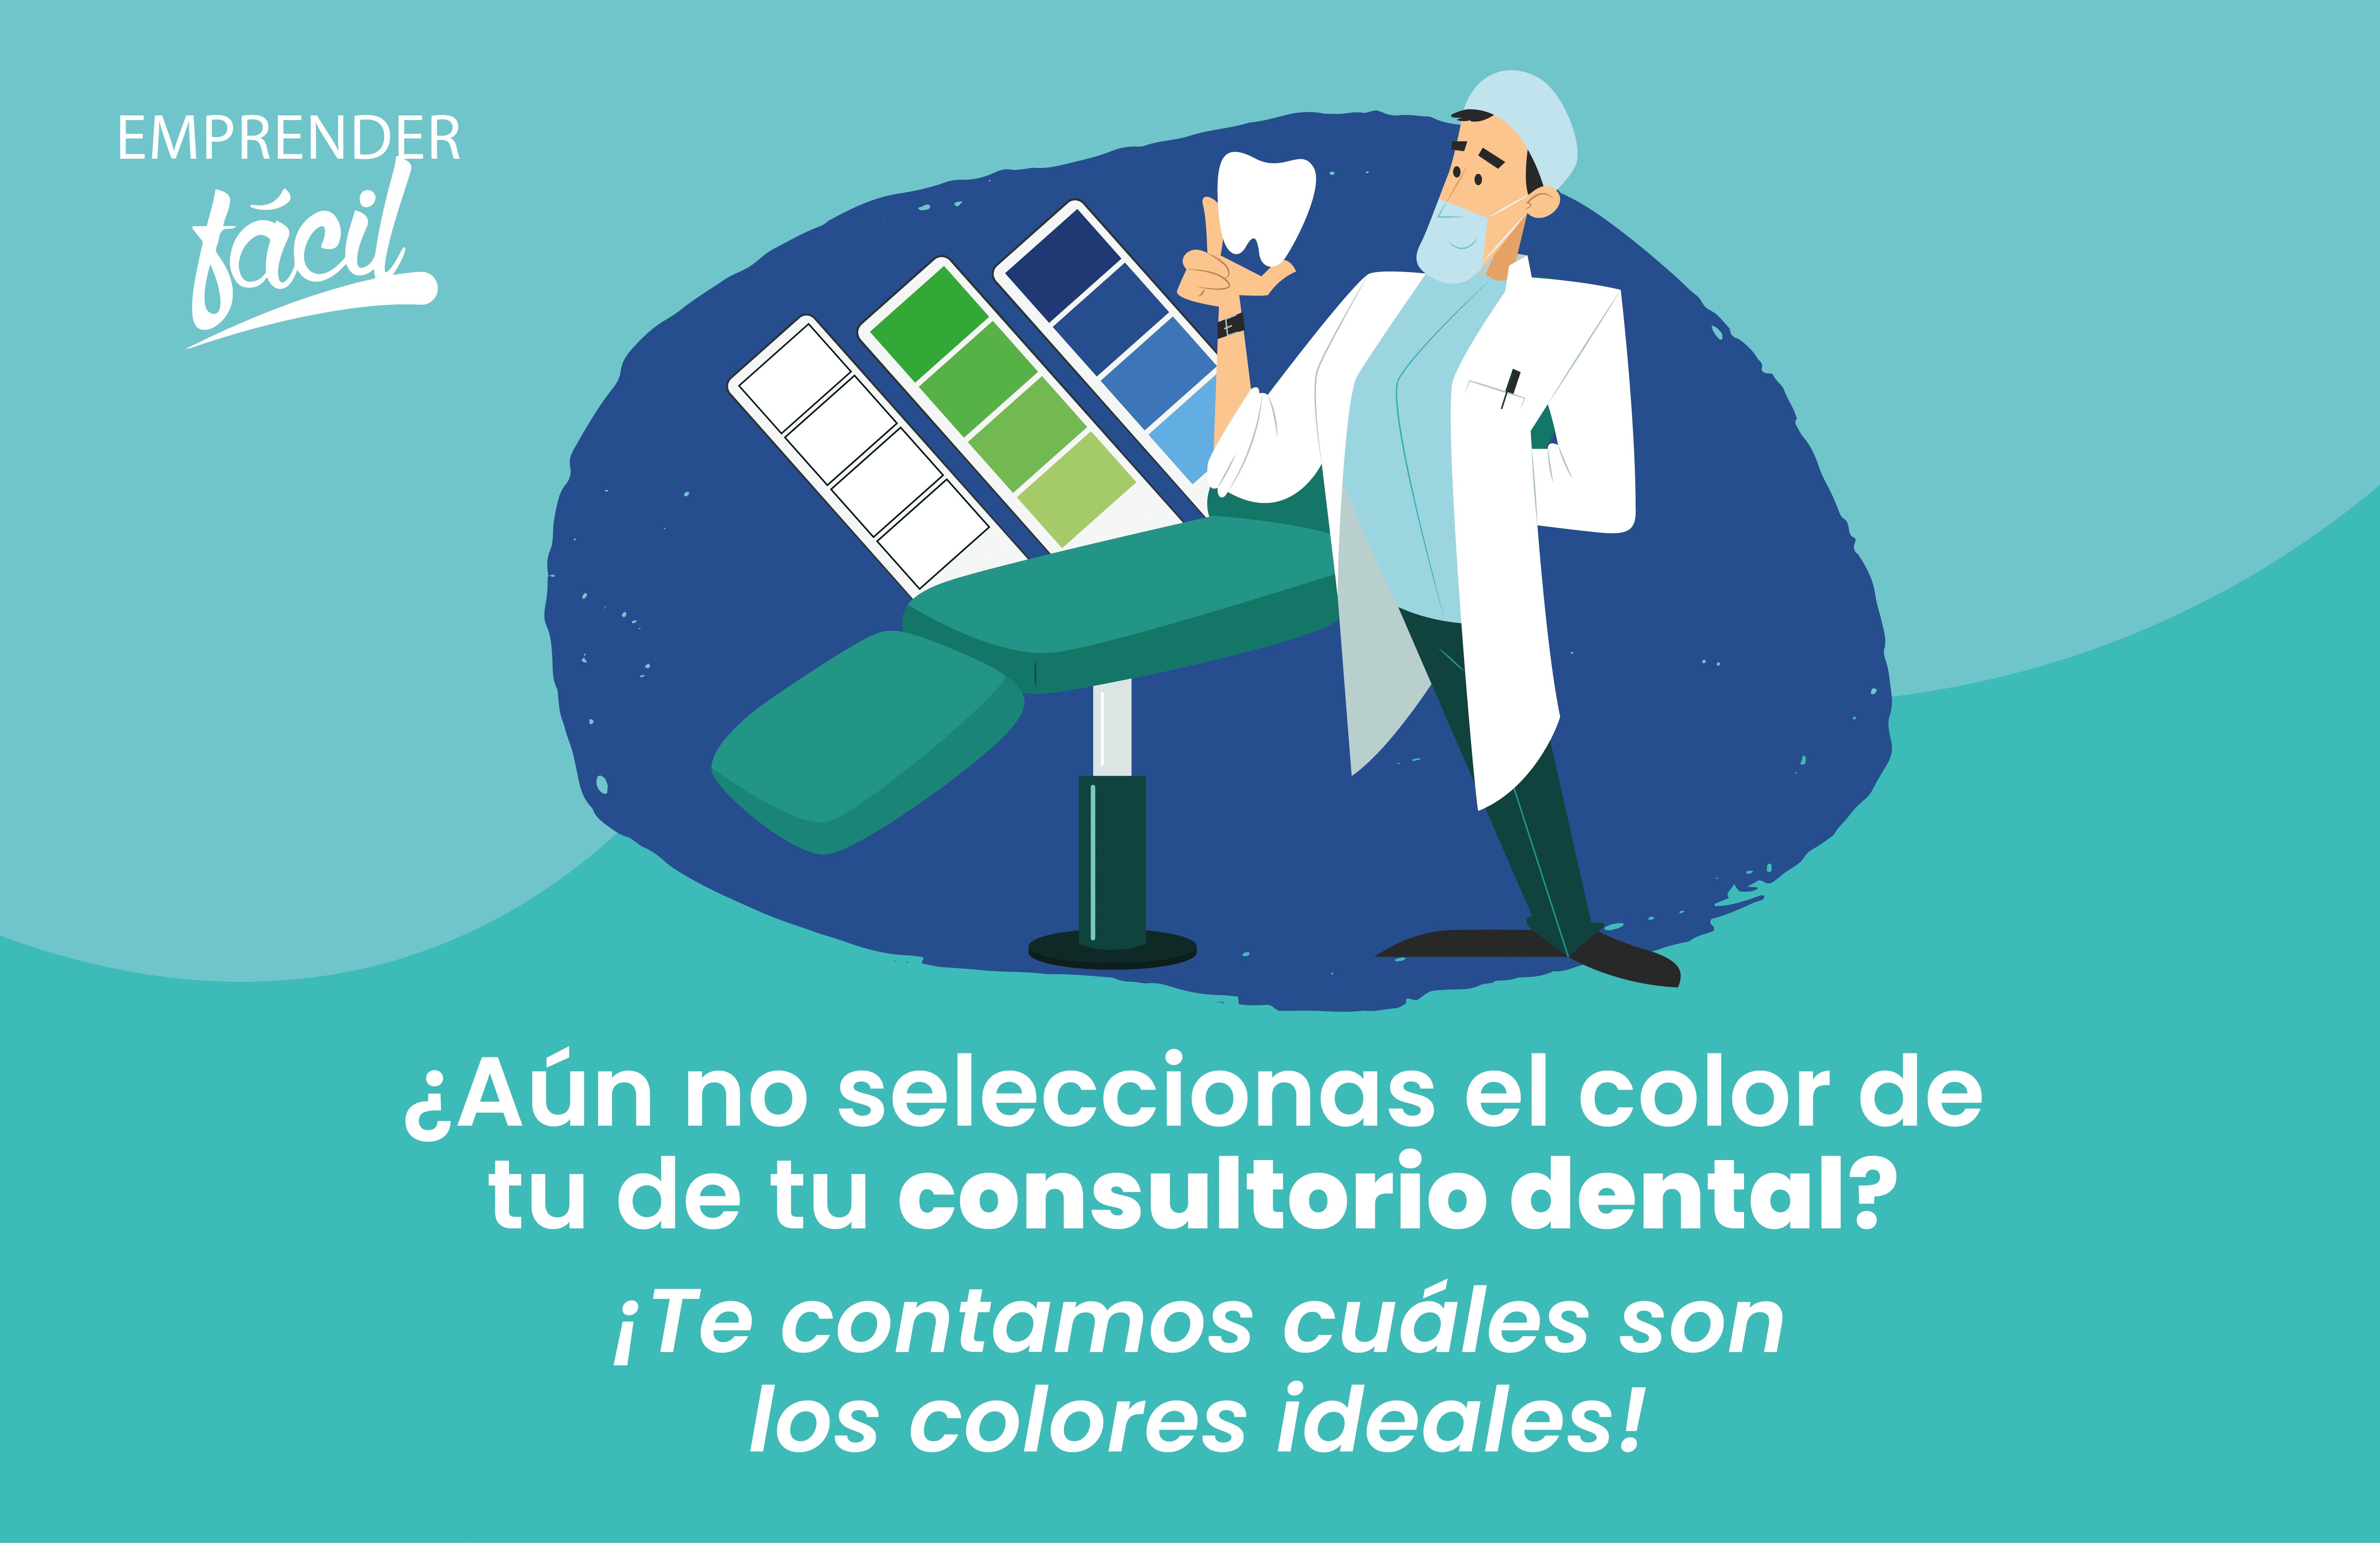 Colores para Consultorios Dentales ¡Inspiran sonrisas!